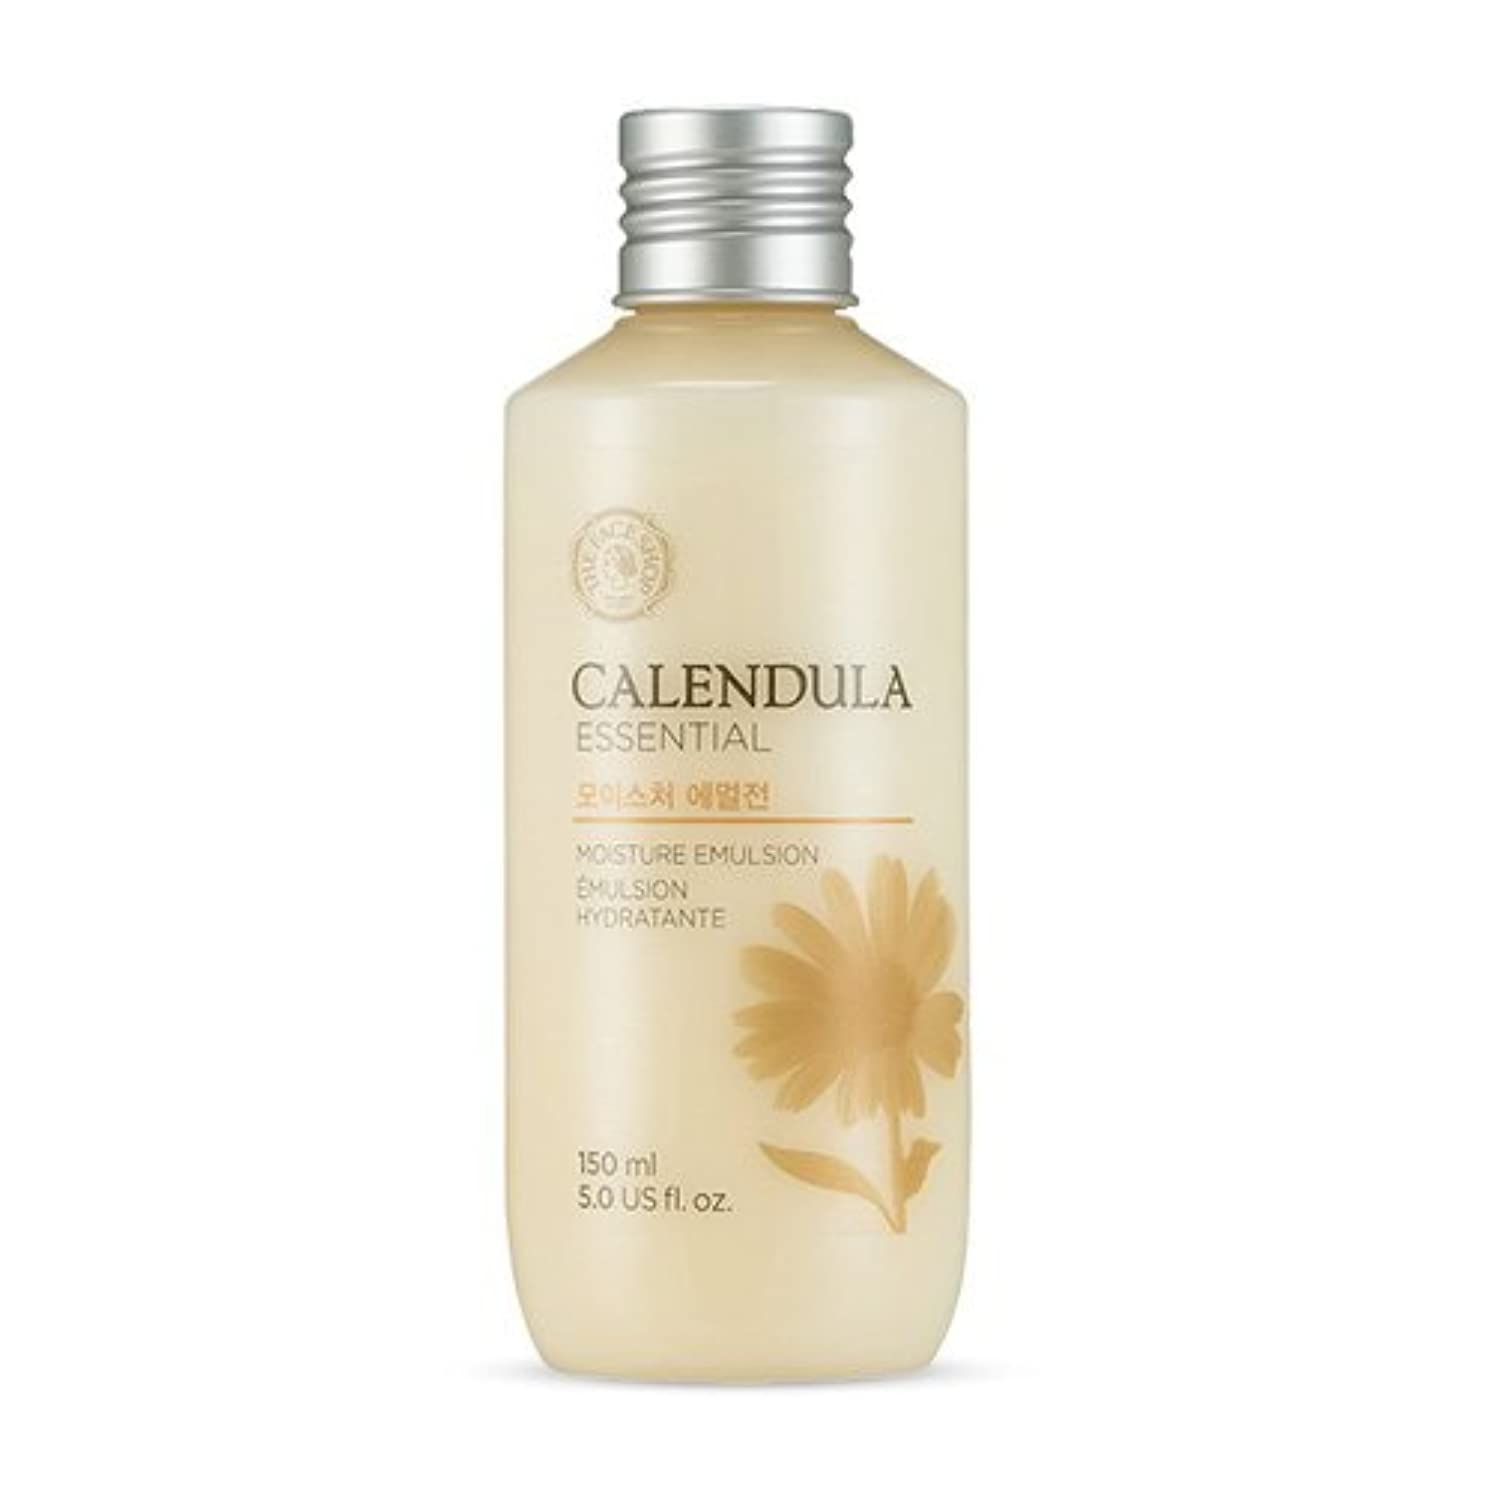 迷惑ディーラー近々THE FACE SHOP Calendula Essential Moisture Emulsion 150ml/ザフェイスショップ カレンデュラ エッセンシャル モイスチャー エマルジョン 150ml